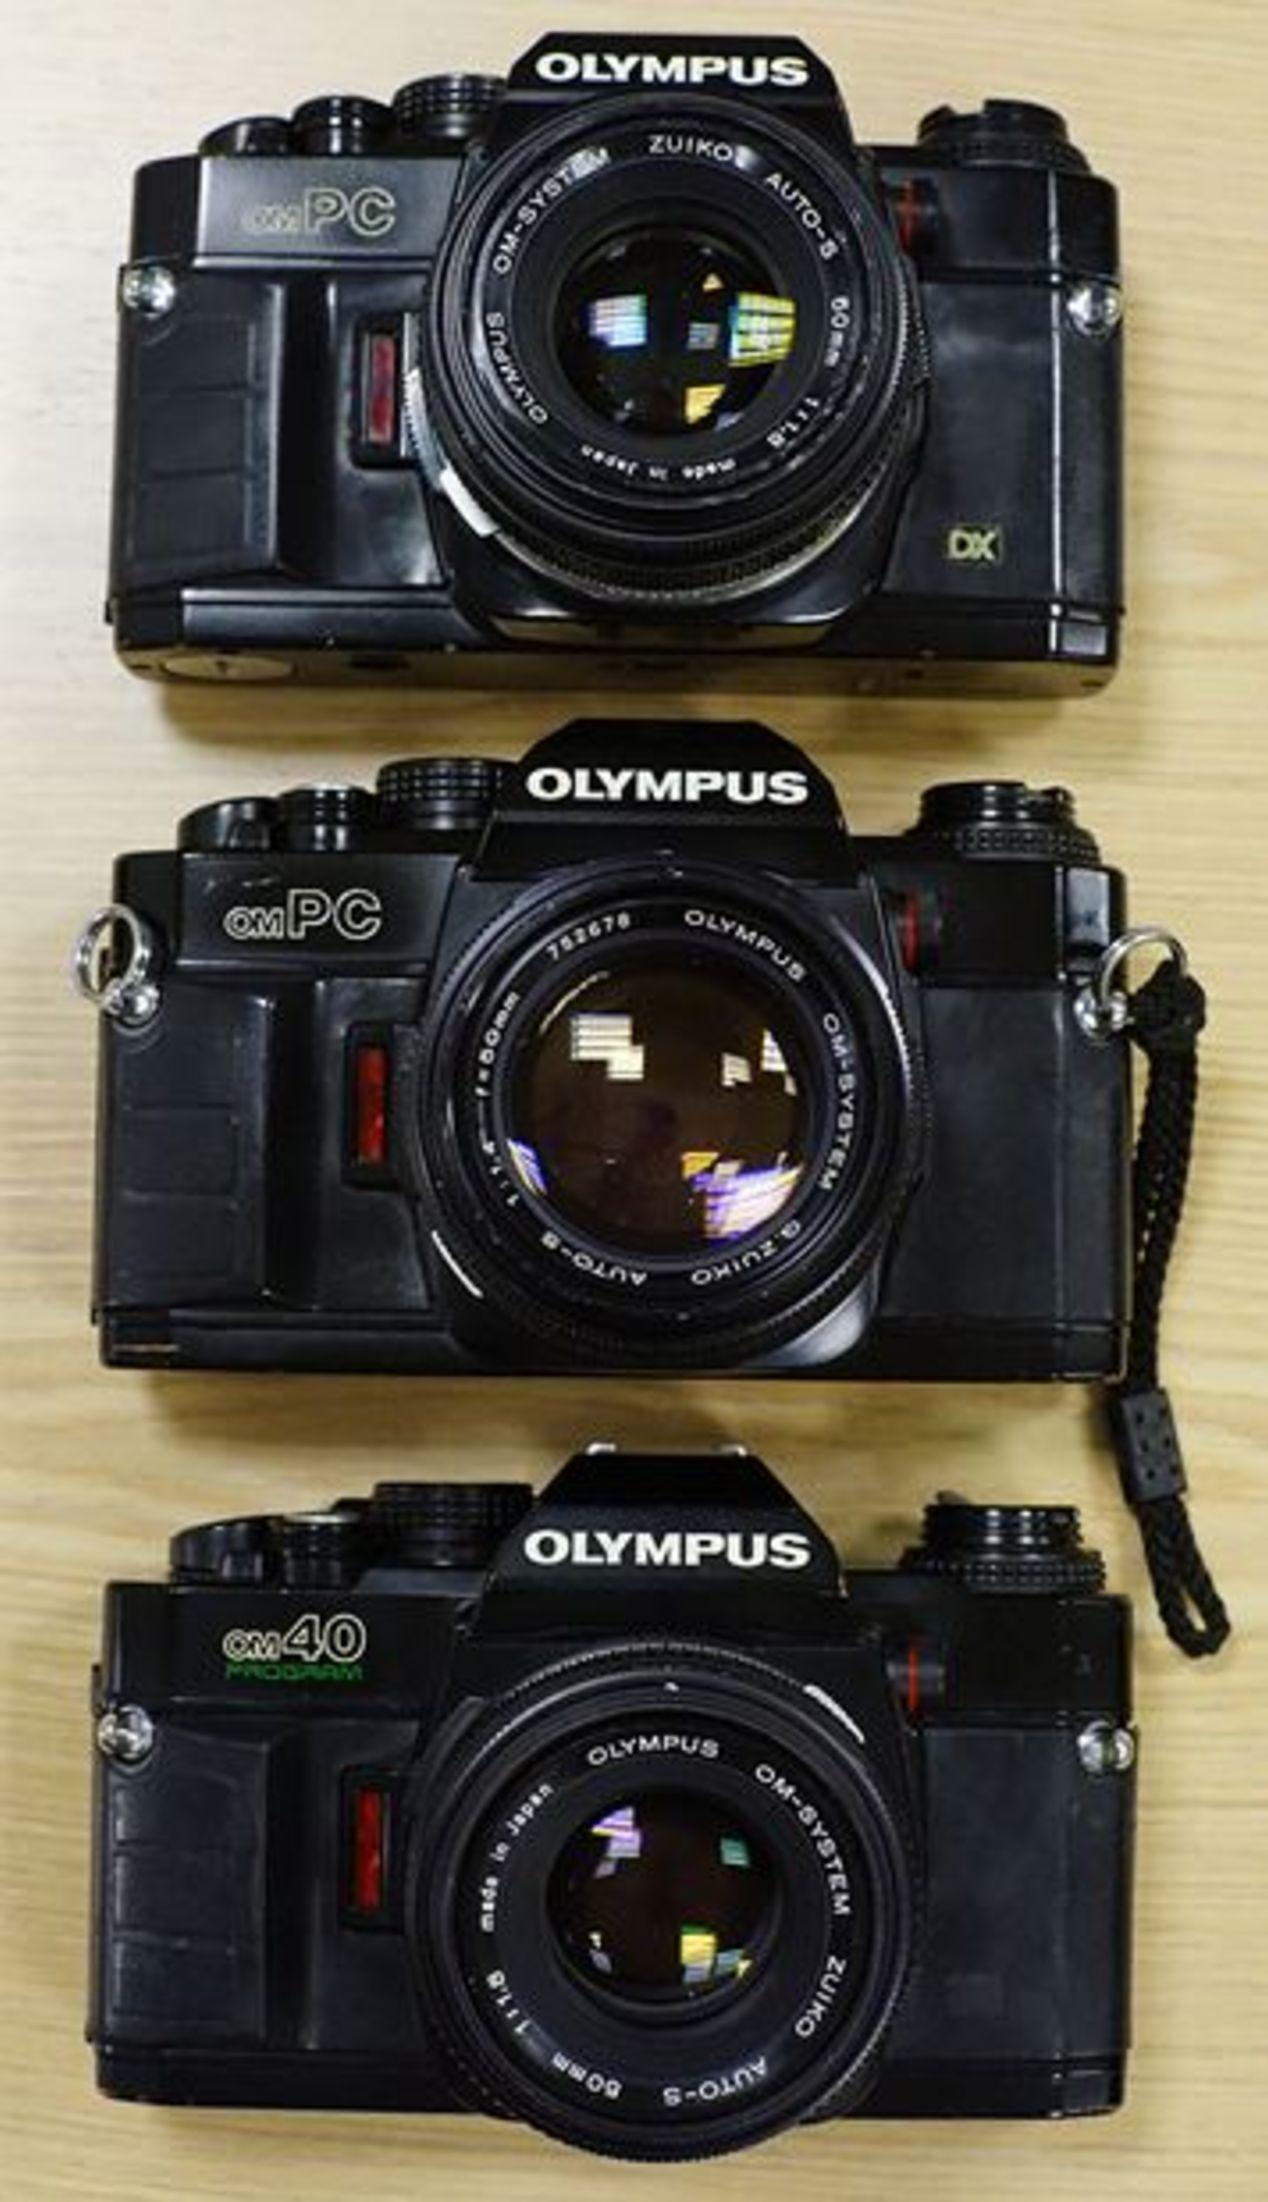 Olympus OM-40/OM-PC ~$50.